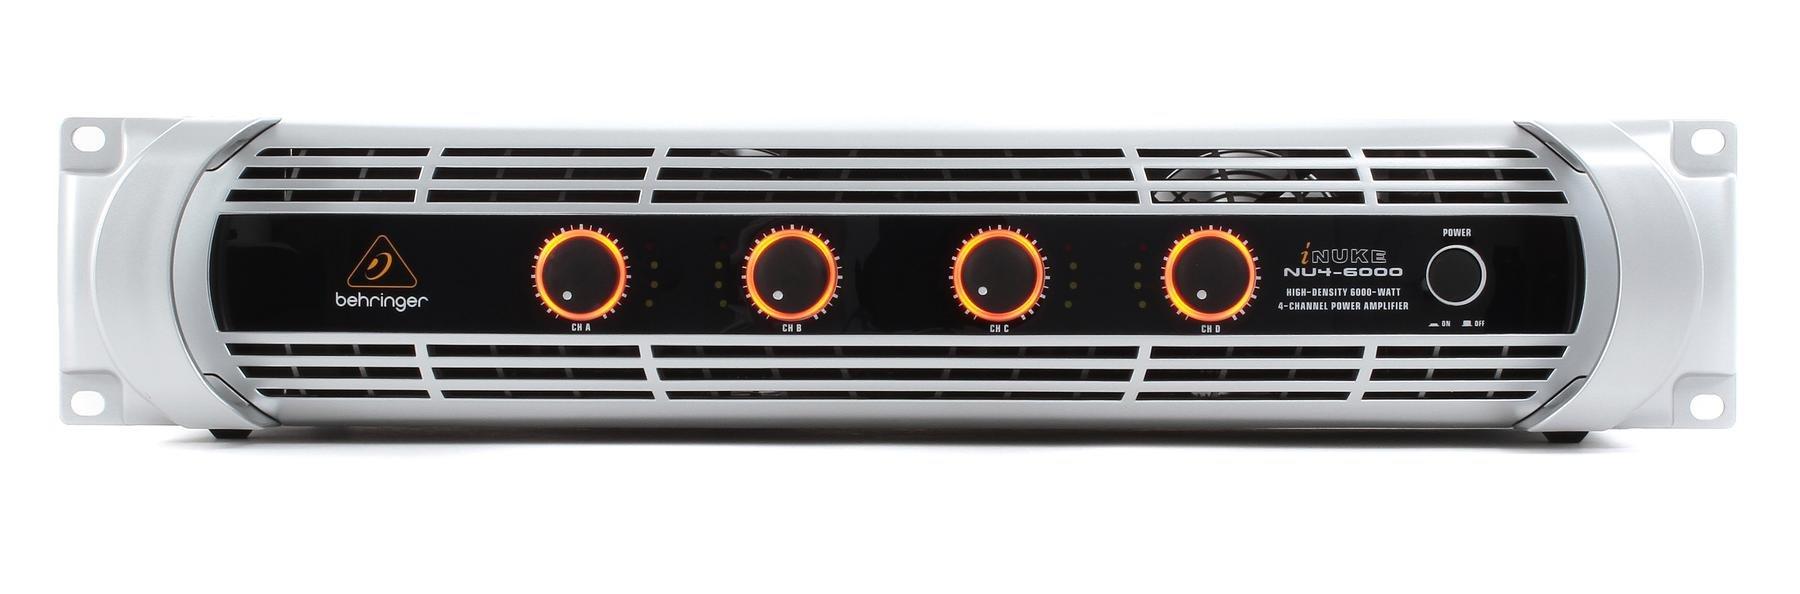 Behringer Inuke Nu4 6000 Power Amplifier Sweetwater 1500 Watt High Image 1